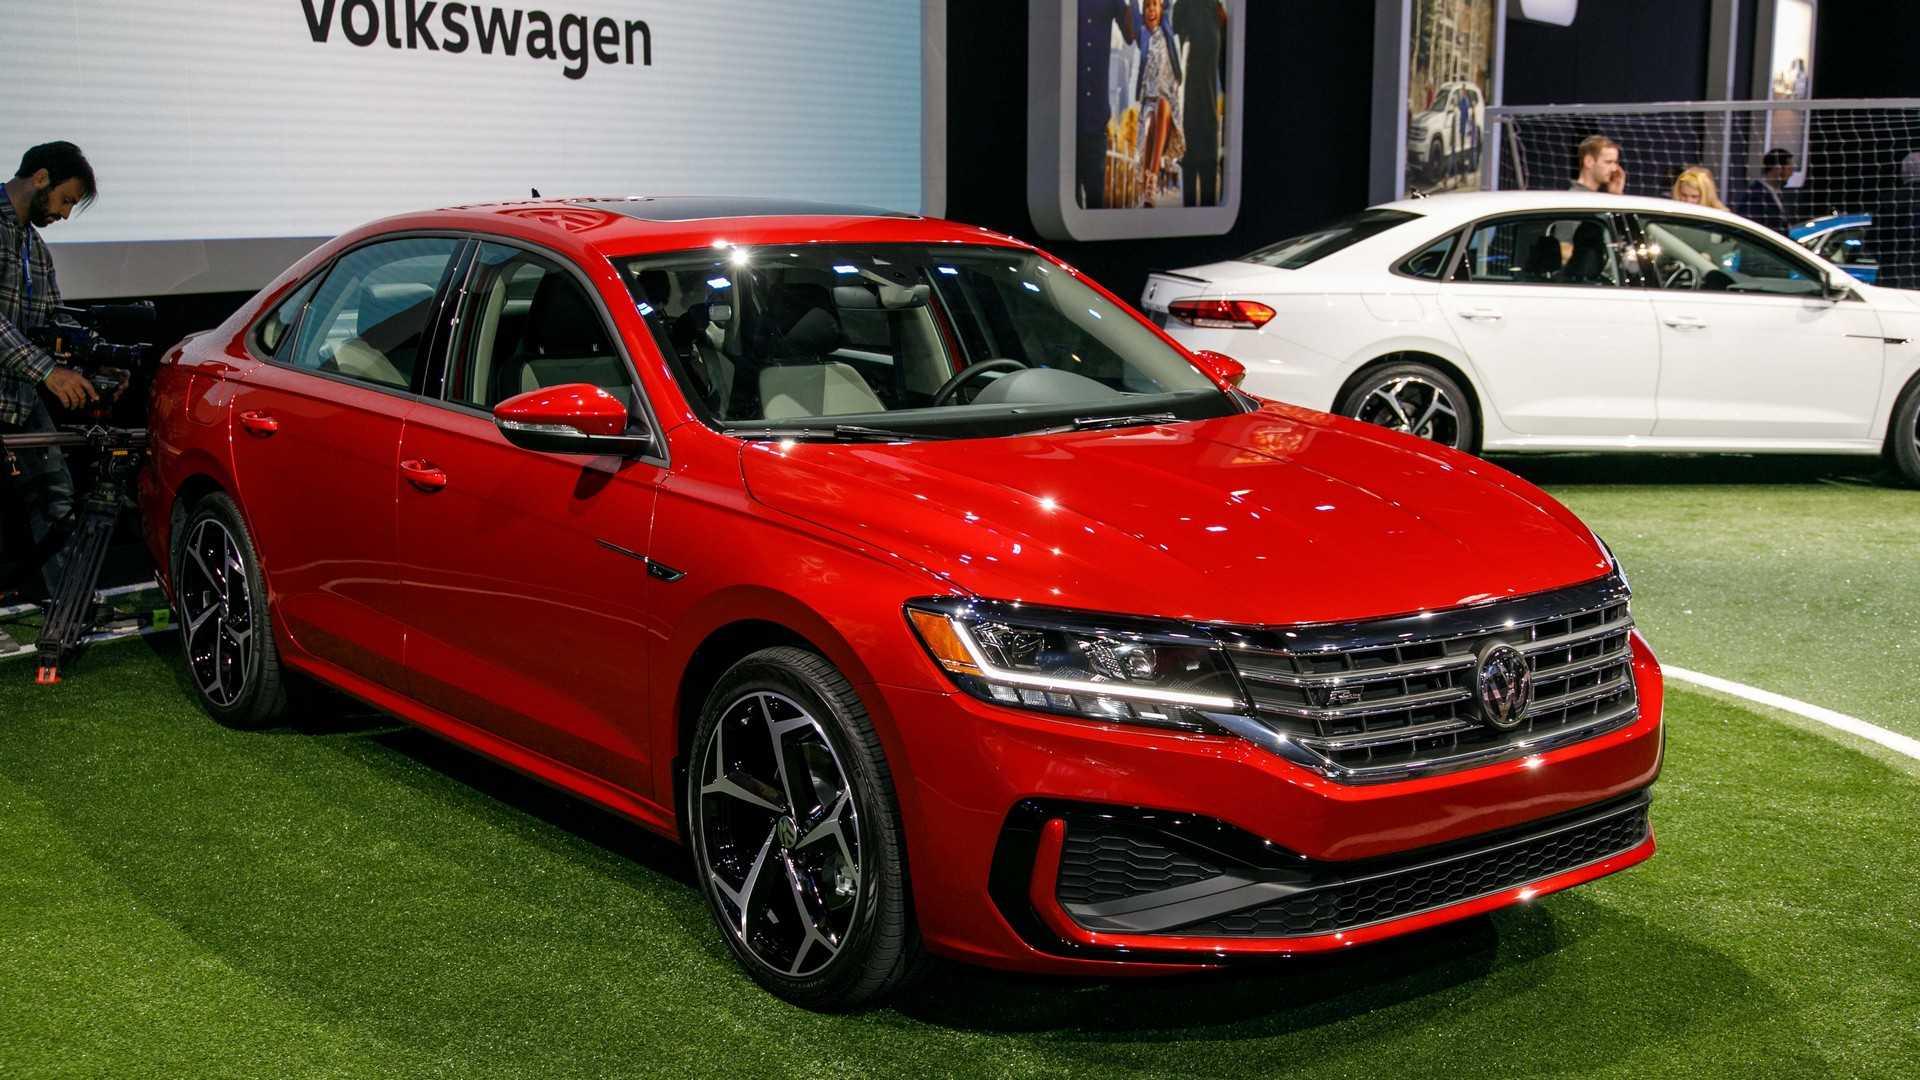 2020 Volkswagen Passat Launch Date, New Features, And ...